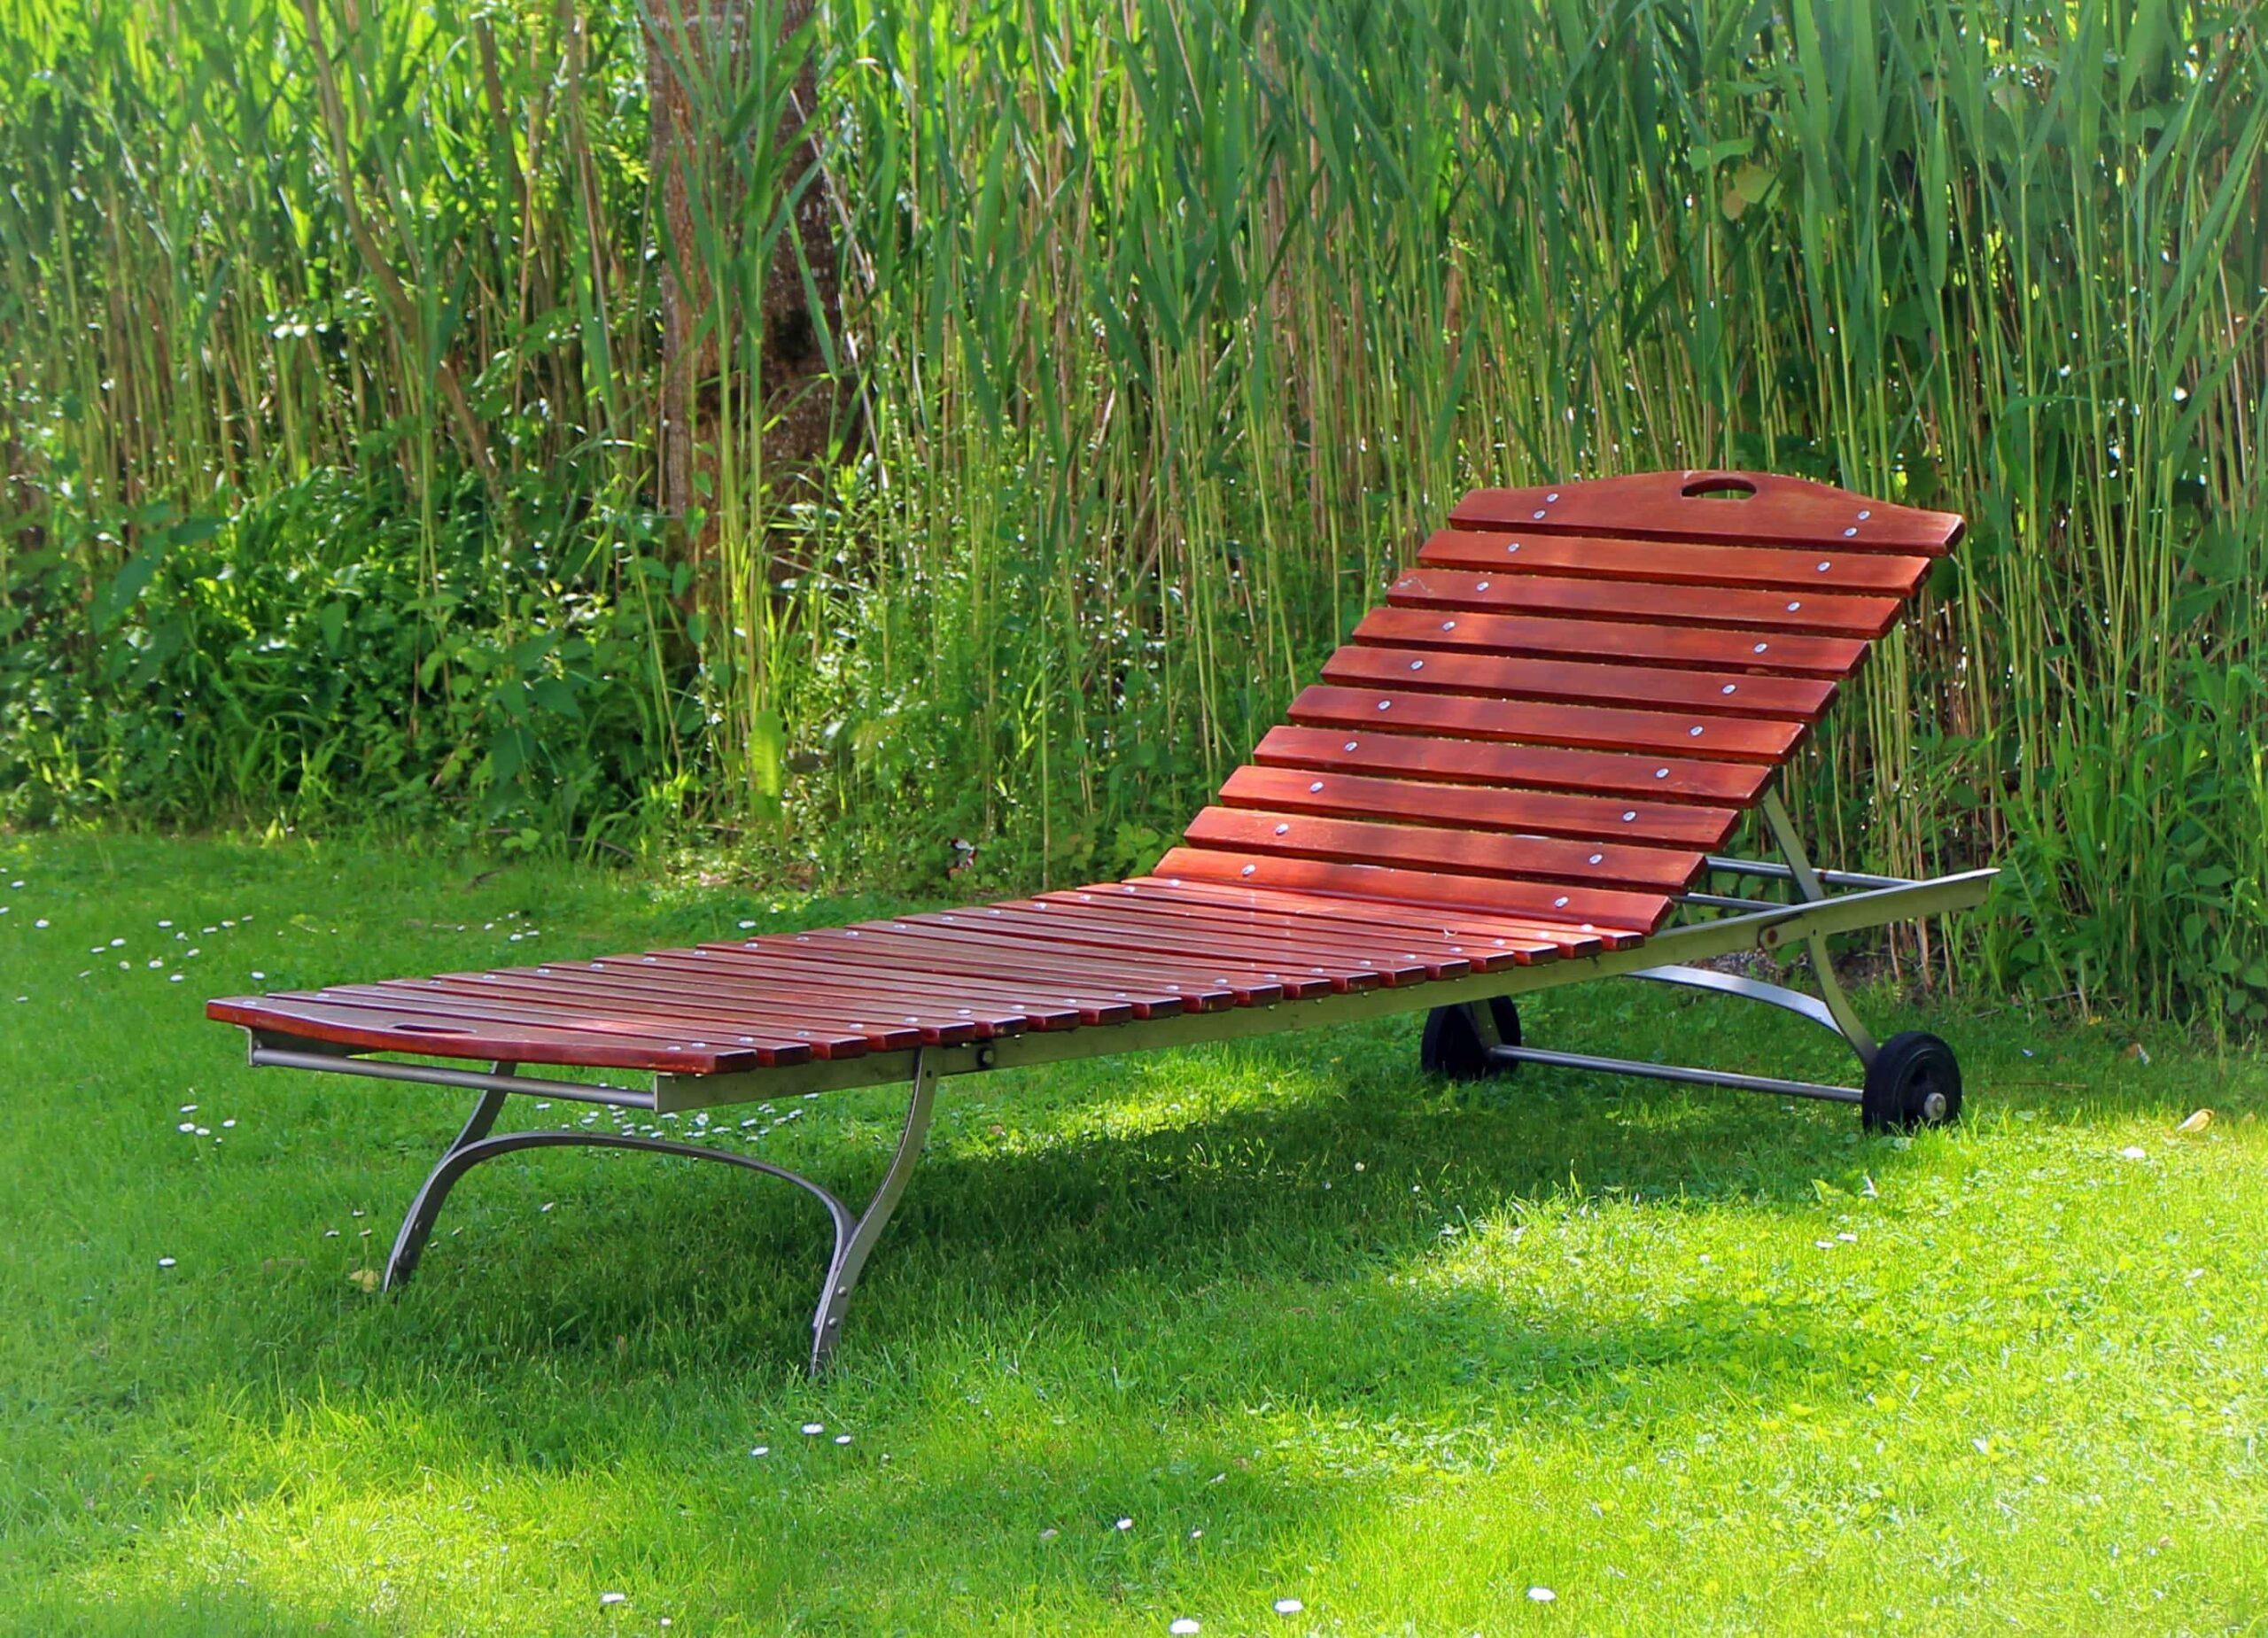 Full Size of Relaxliege Garten Unser Testsieger Beste Gartenliege 2020 Relaxsessel Aldi Wohnzimmer Aldi Gartenliege 2020